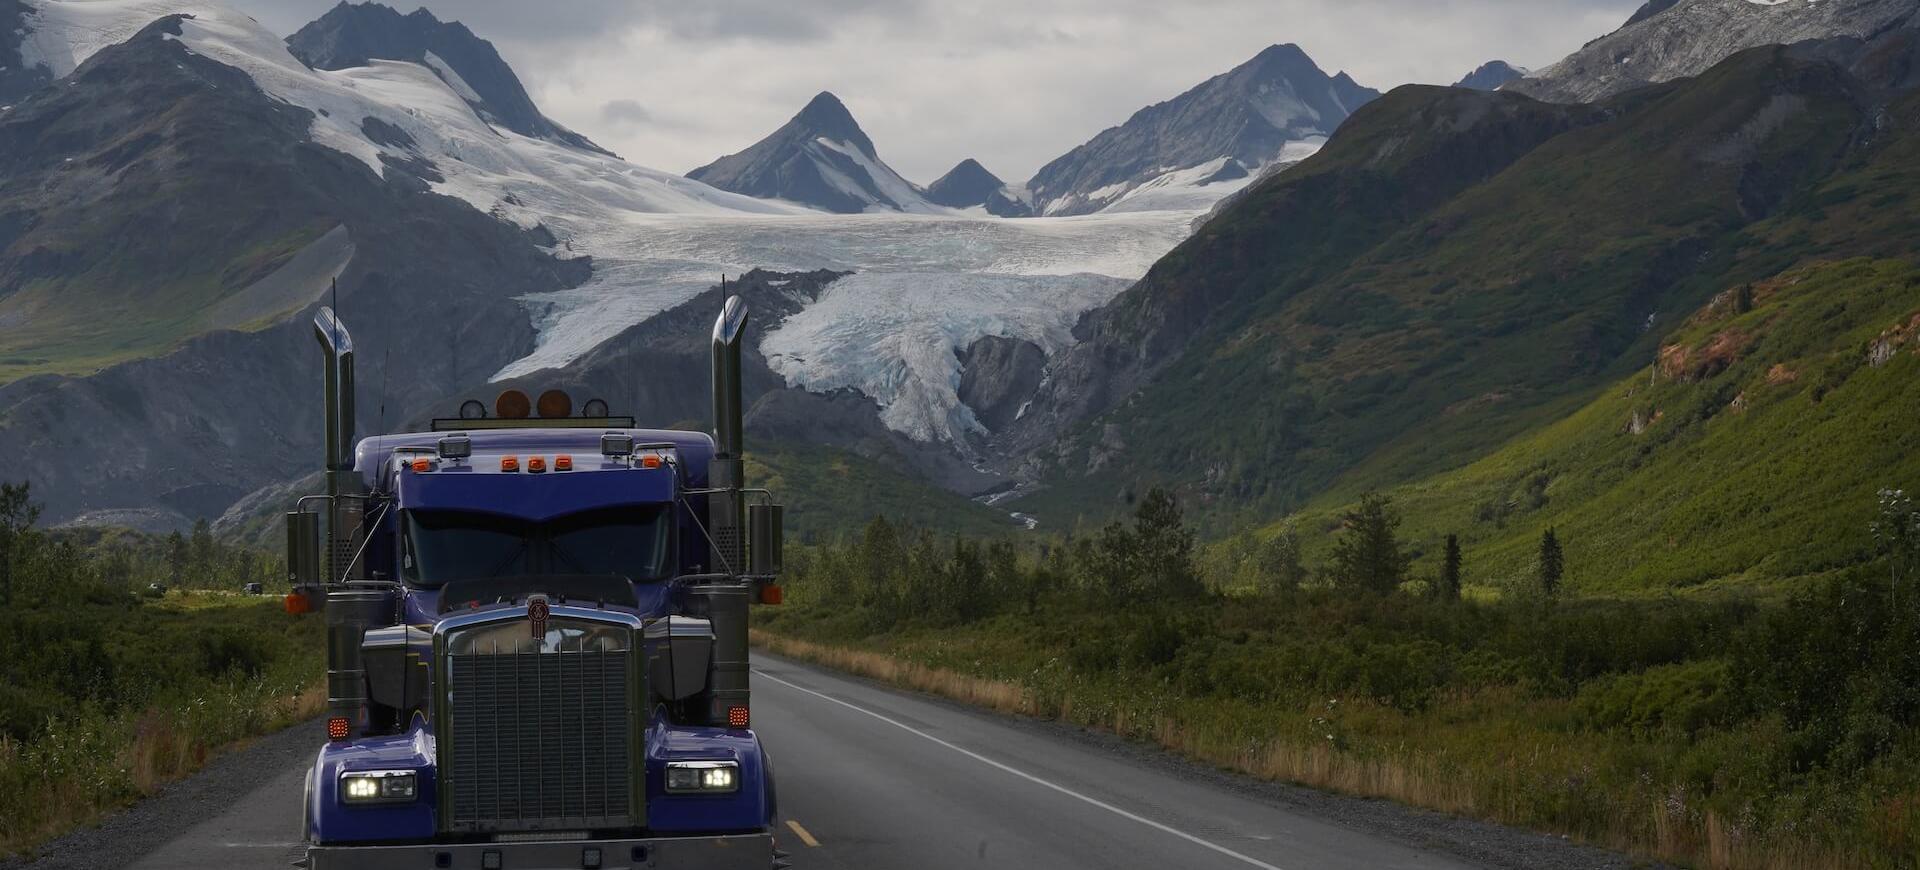 lodowiec-alaska-valdez